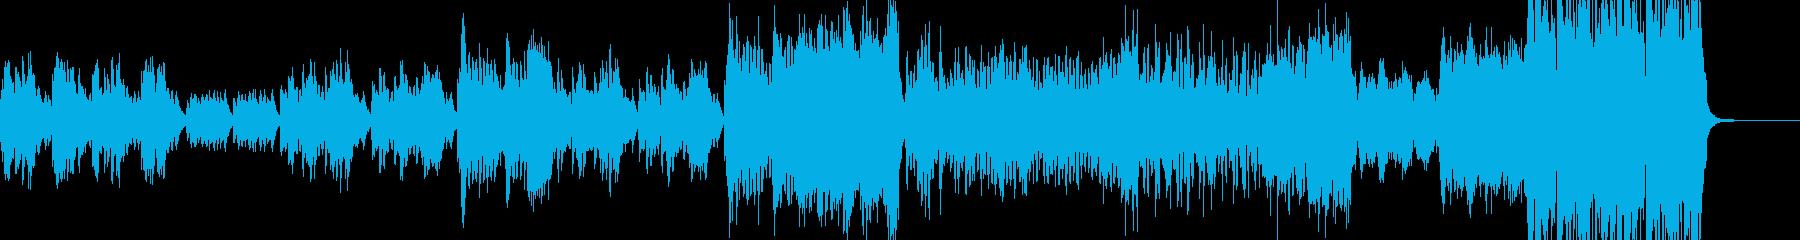 姫・ワルツ・終盤弾けるジャズへ展開 C2の再生済みの波形